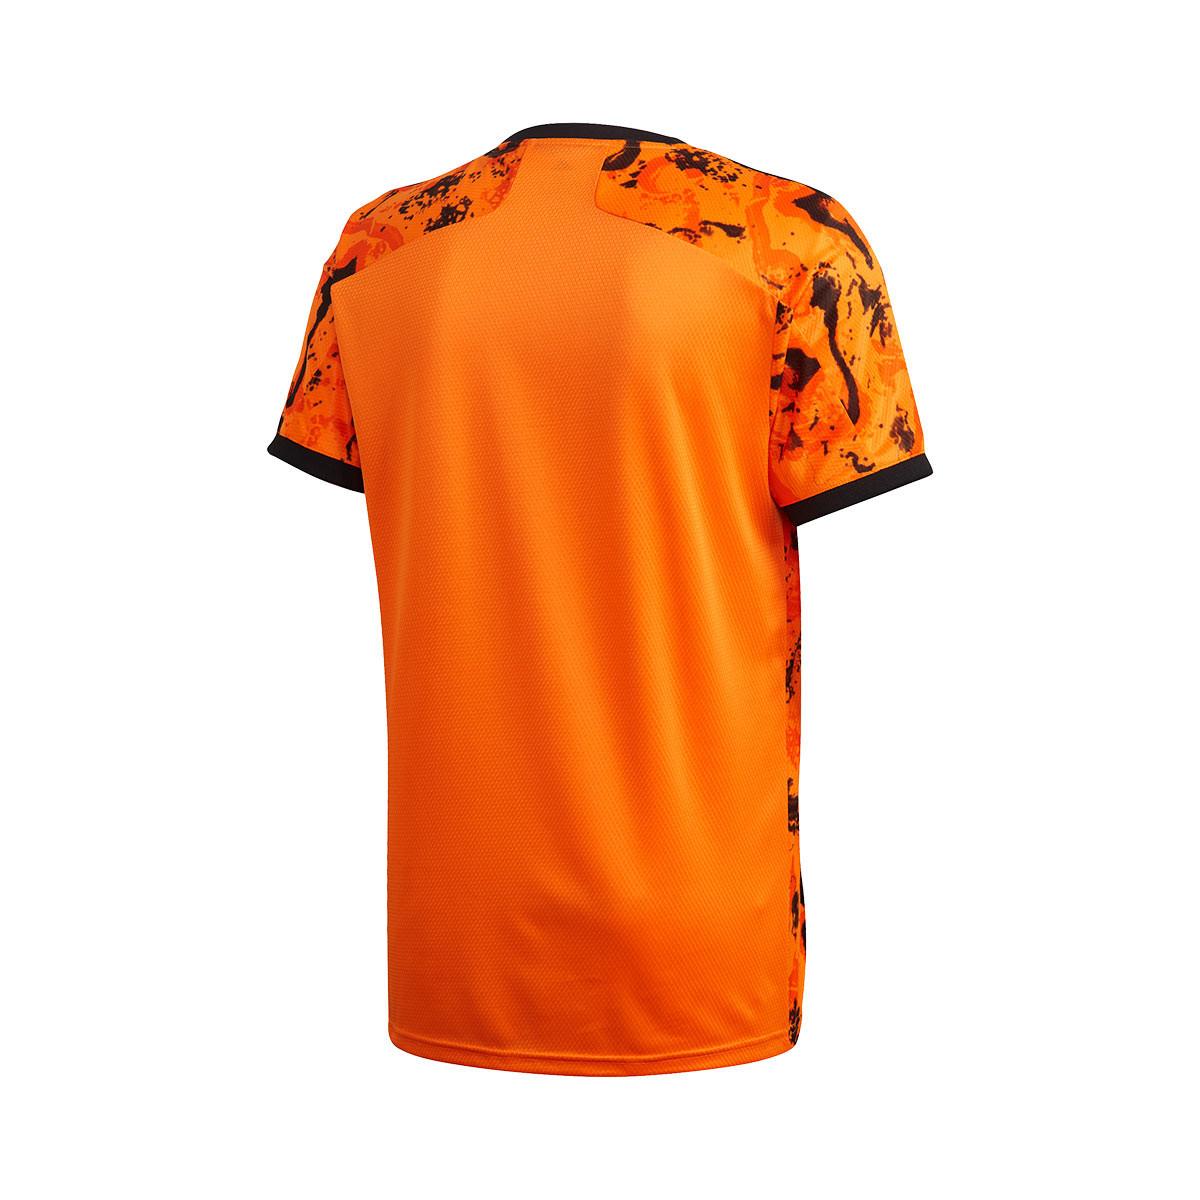 Jersey Adidas Juventus 2020 2021 Third Bahia Orange Football Store Futbol Emotion